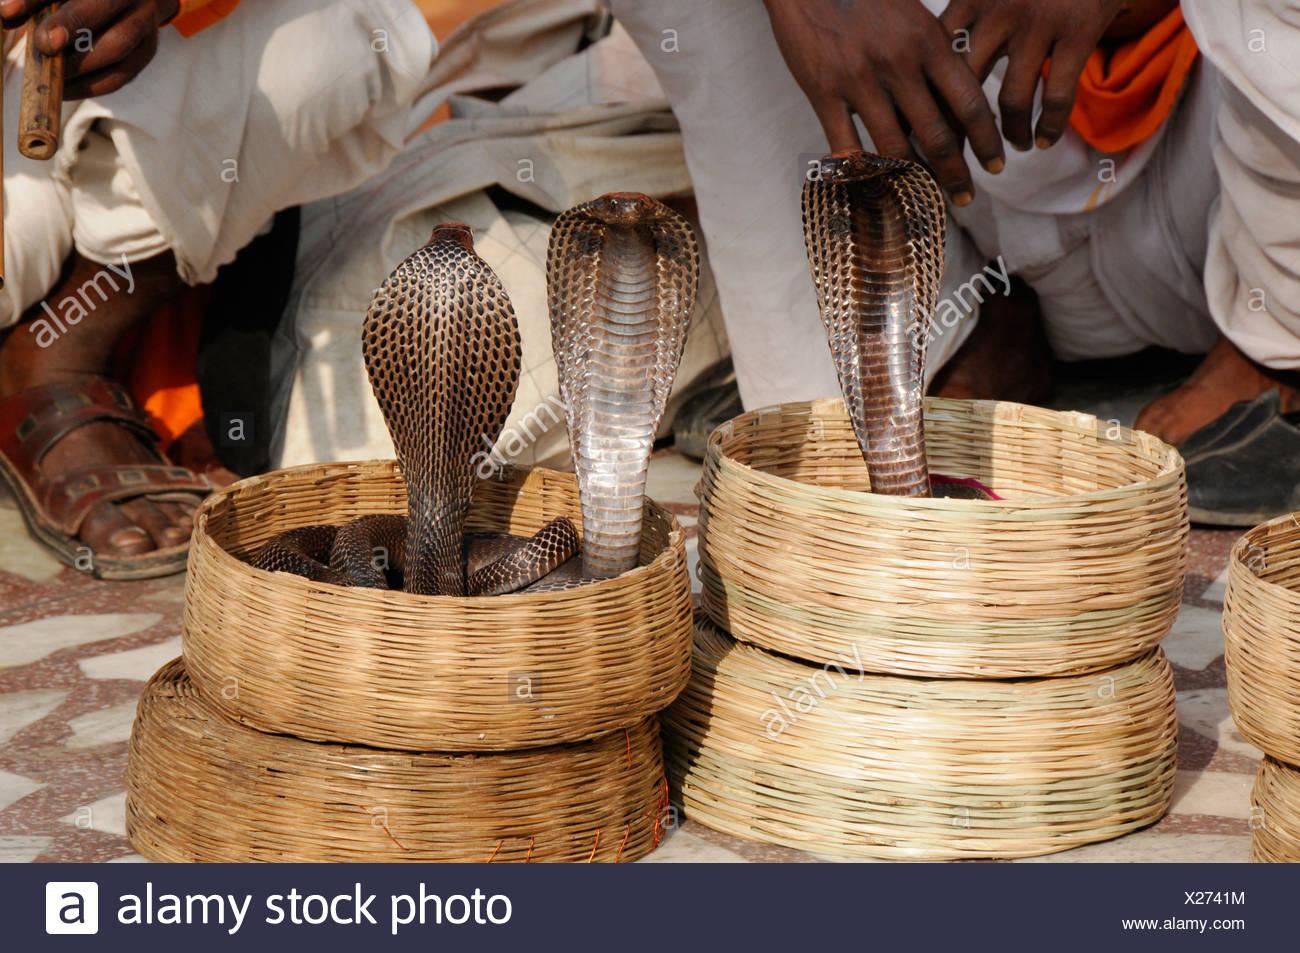 Cobras (Naja naja), indios encantadores de serpientes en el Palacio de los vientos, Jaipur, Rajasthan, India septentrional, Asia Foto de stock